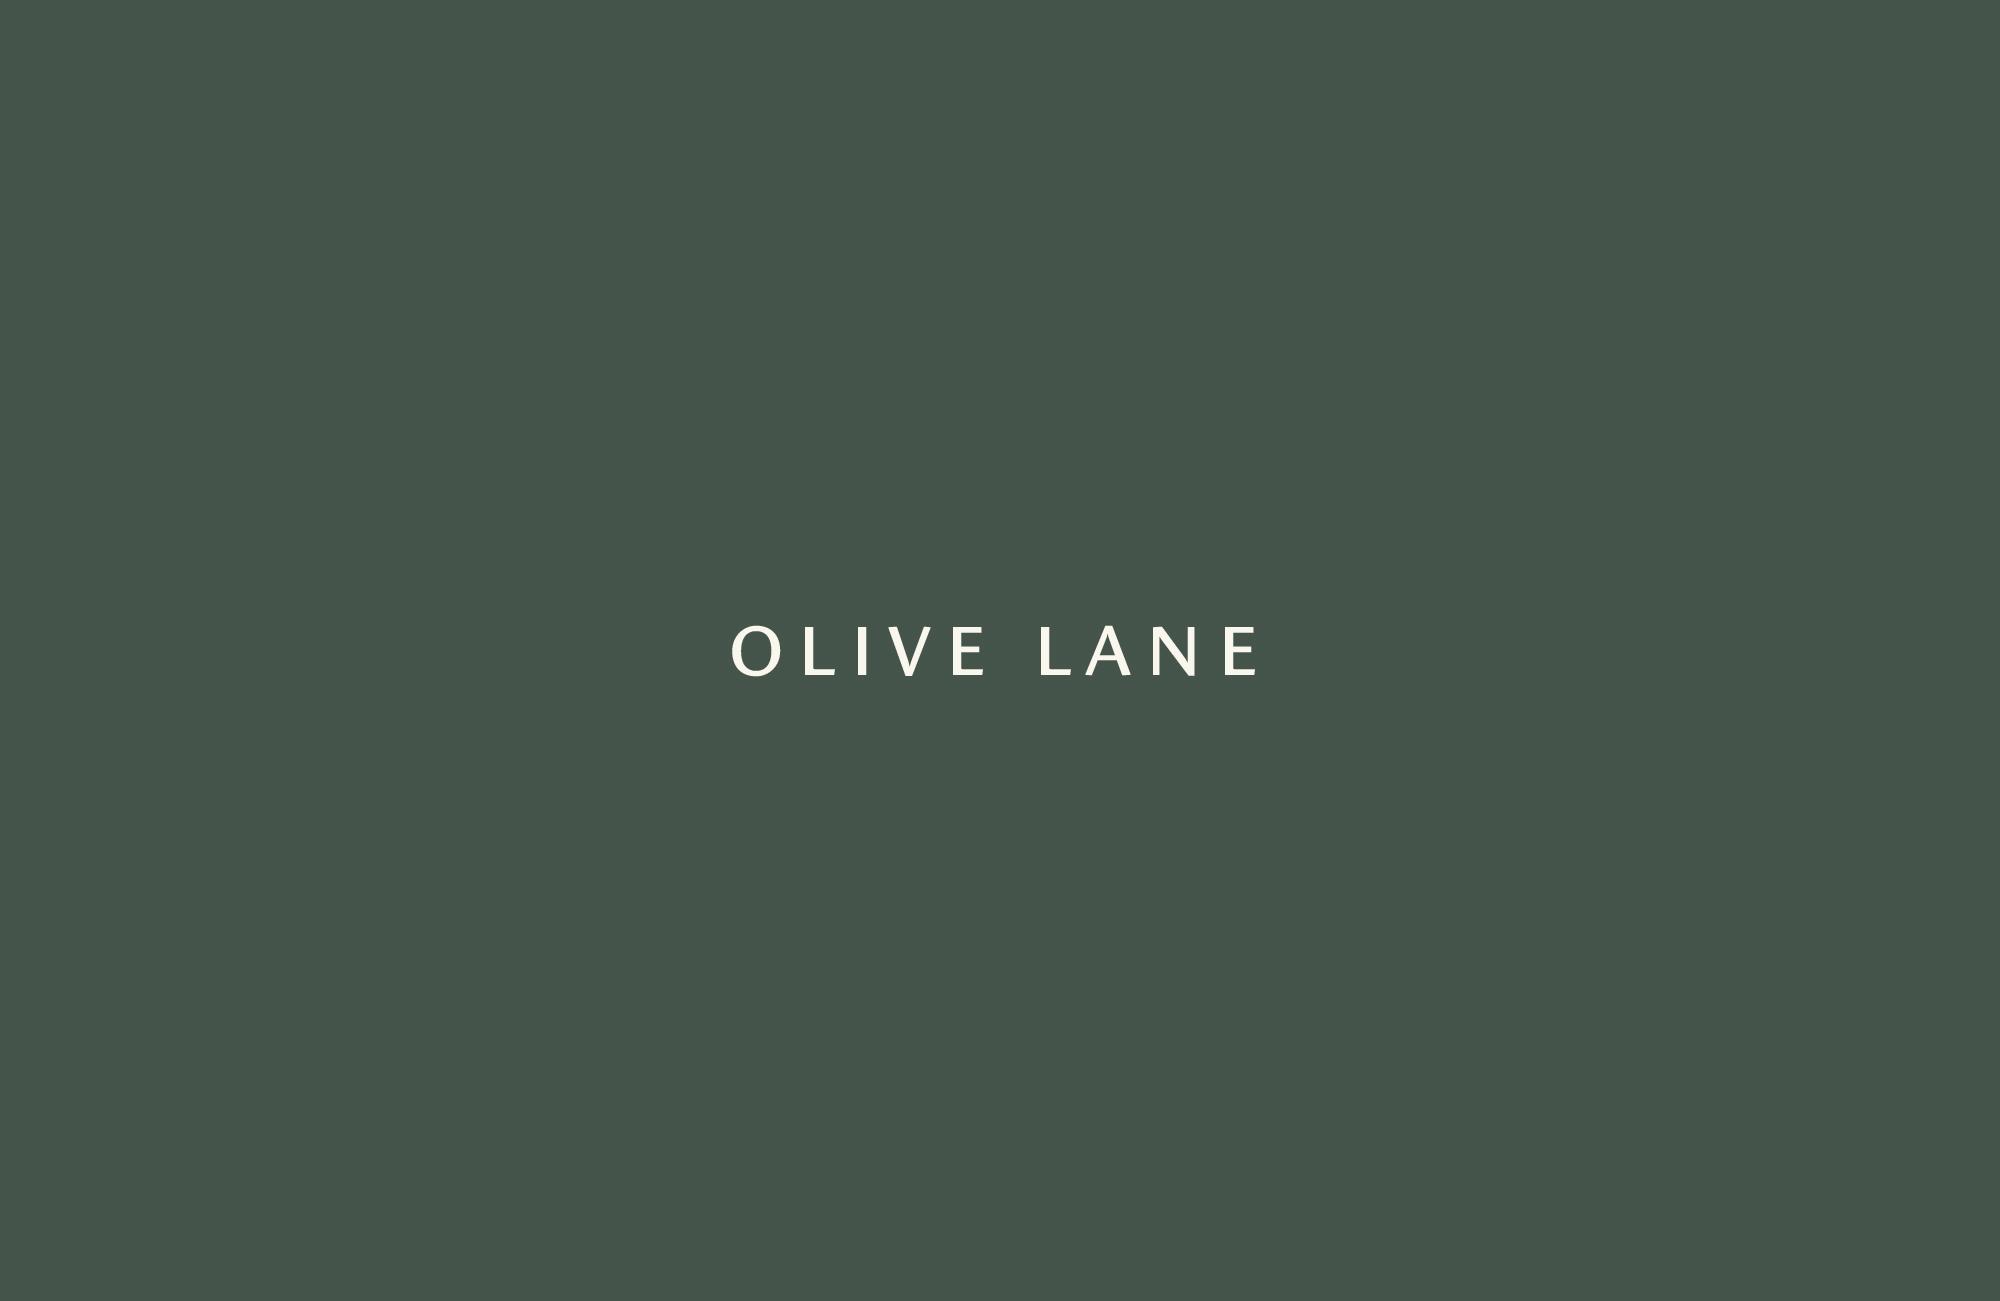 viscayawagner_select_olive-lane_-01.jpg